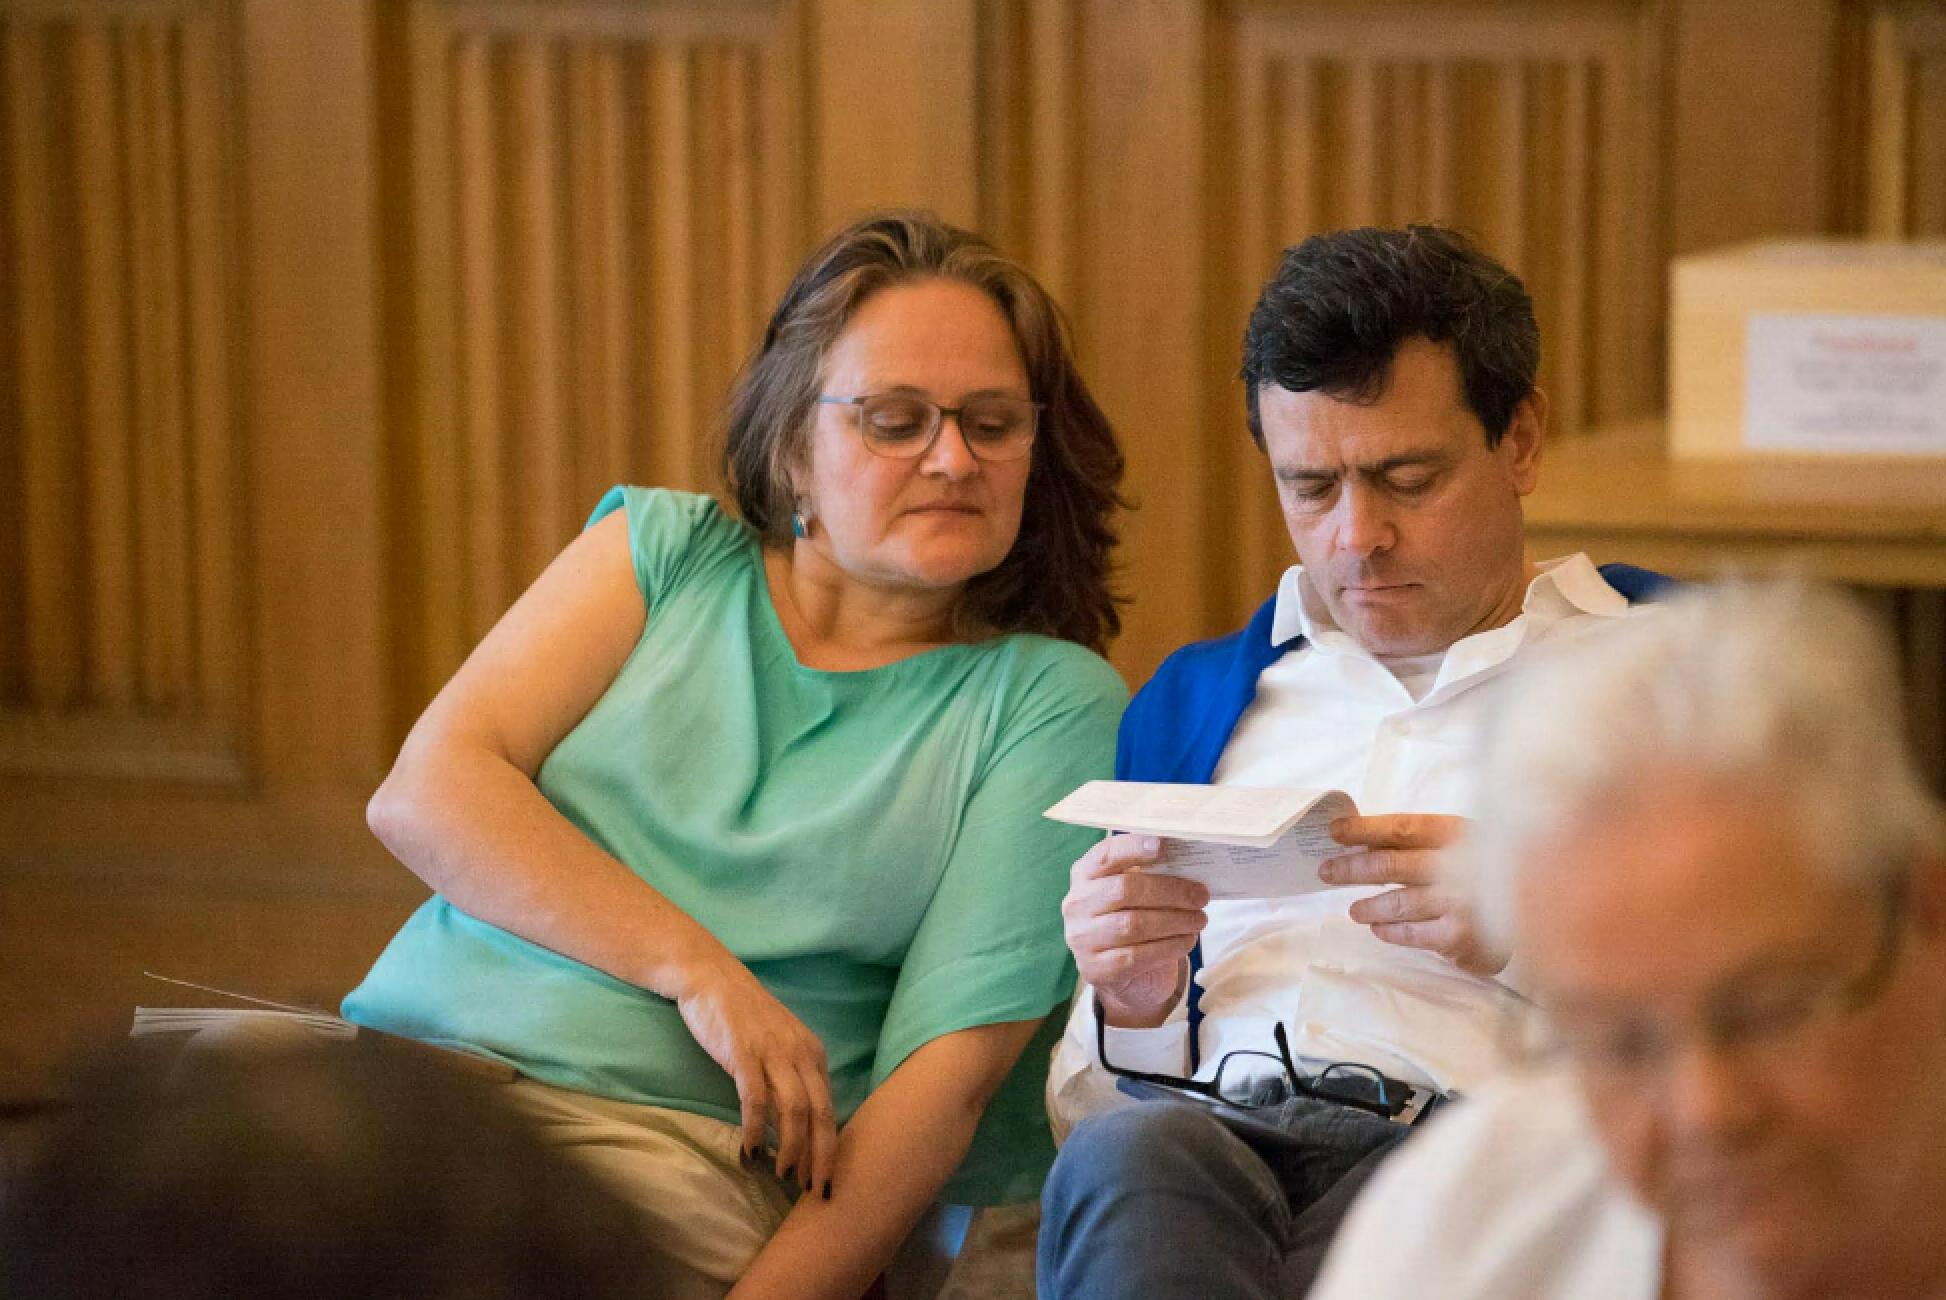 Gabriele und Philip, Sieben Punkte des Geistestraining, Dharma Mati Berlin (Mai 2018)